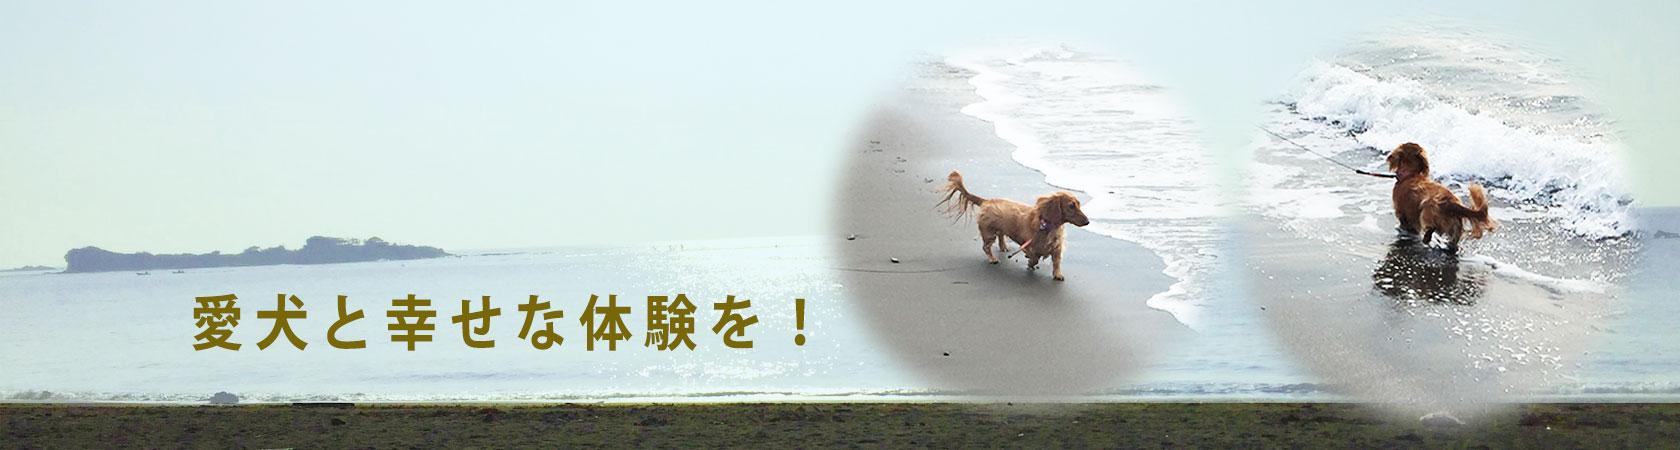 ドッグトレーニングで愛犬との幸せな体験を